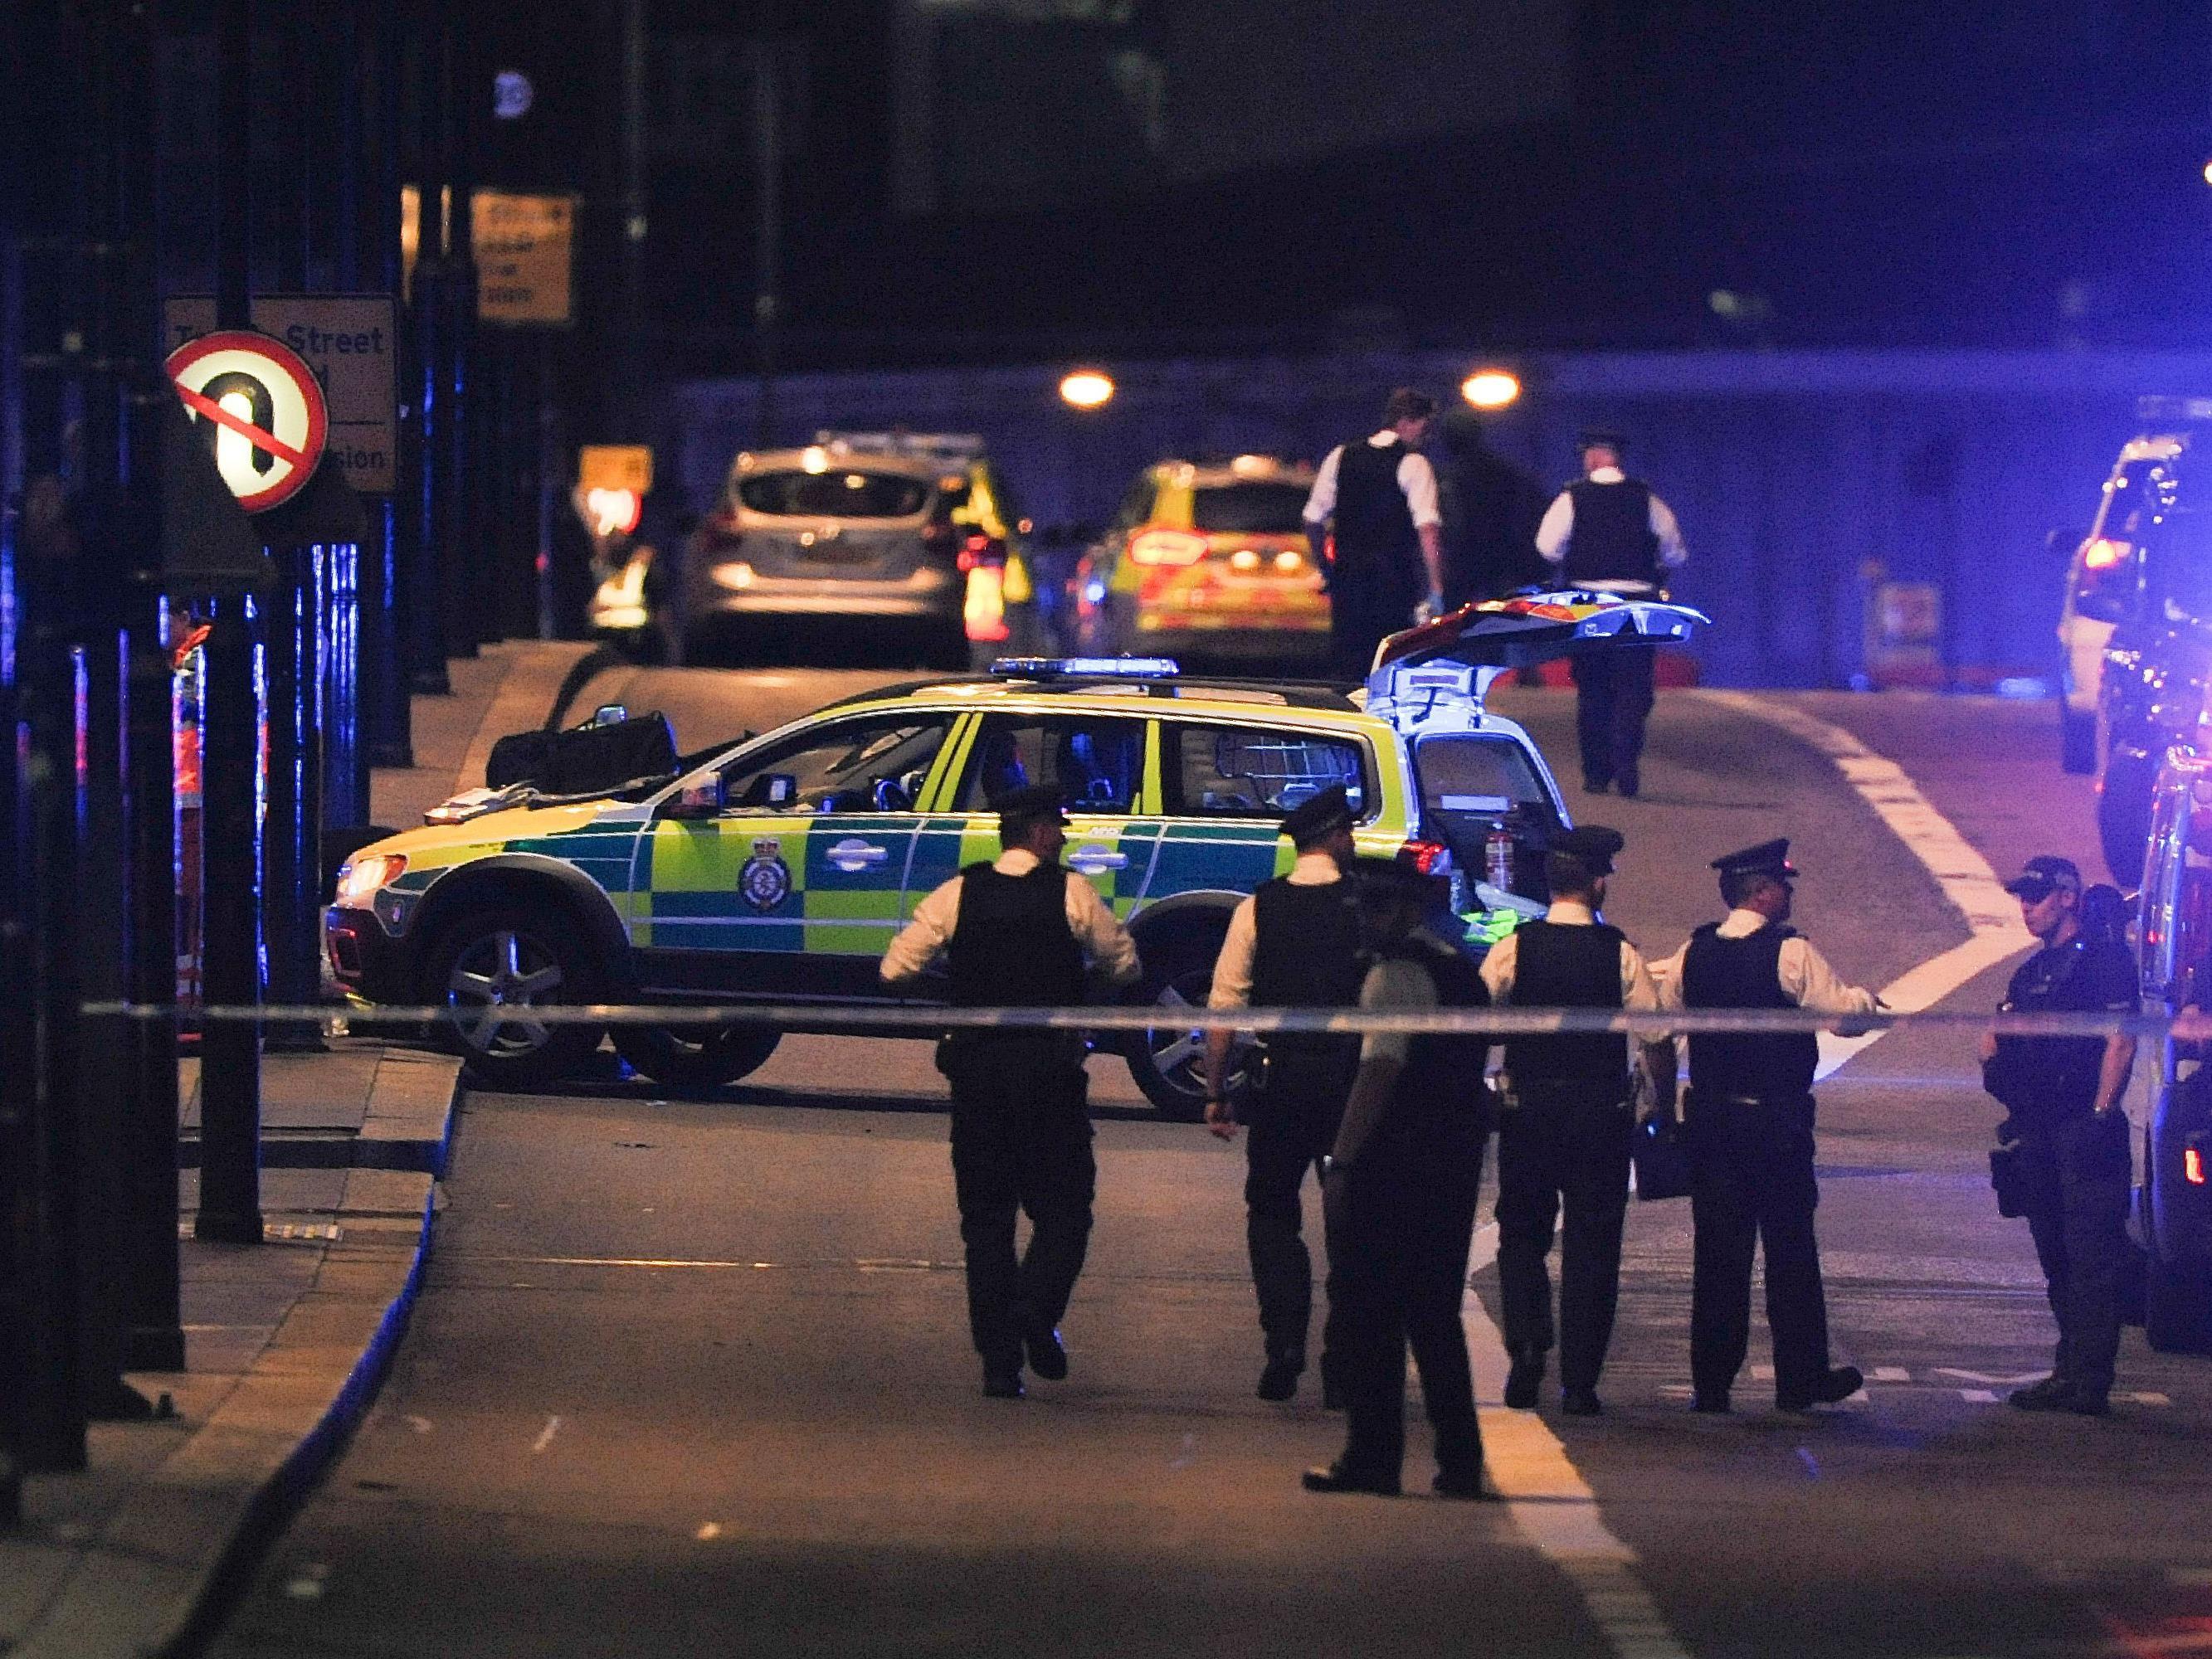 Die nach dem Terroranschlag in London festgenommenen Verdächtigen sind wieder auf freiem Fuß.